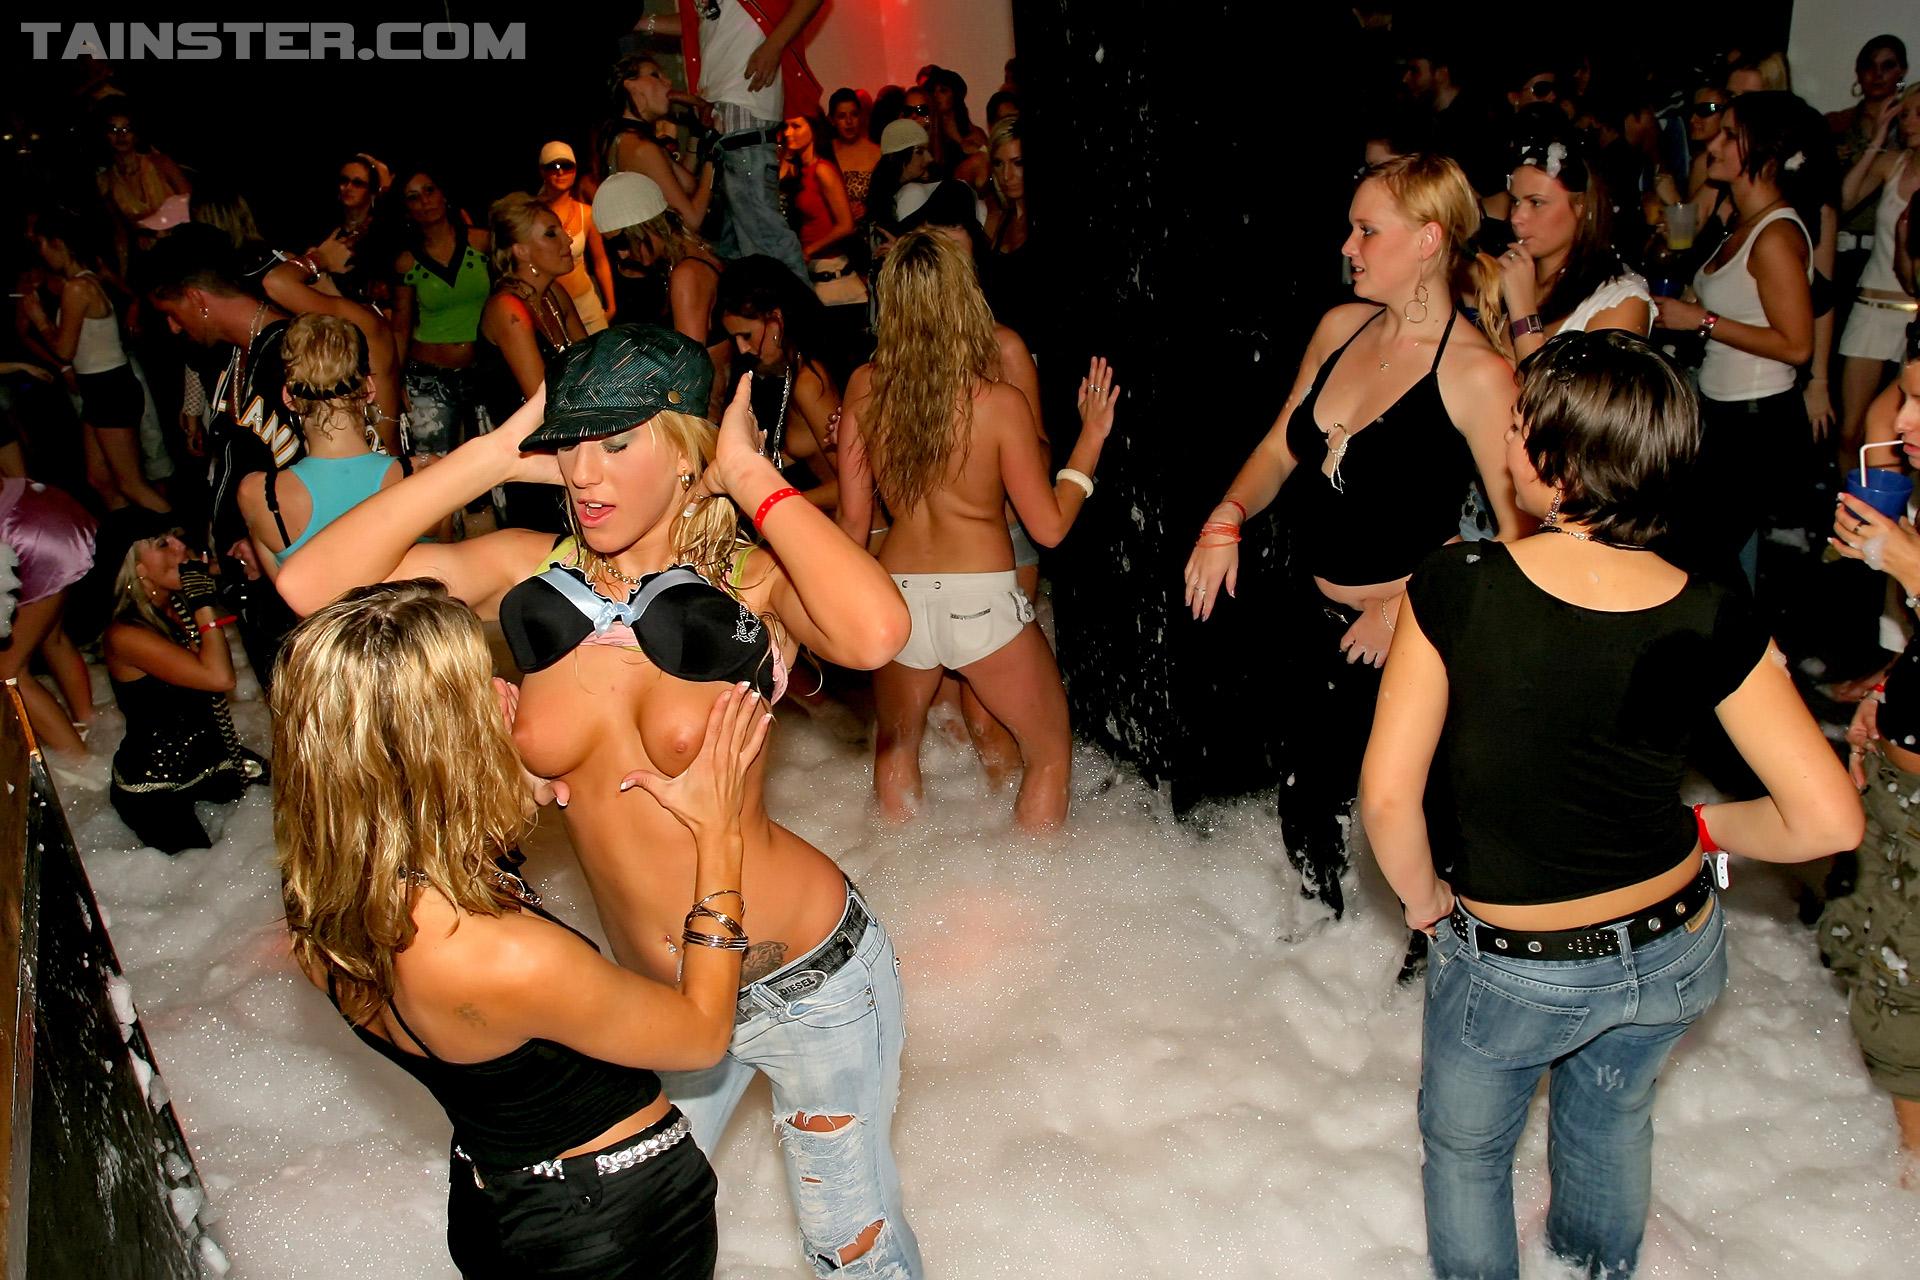 Думаю, отзывы о свинг вечеринках афигенно!!!!)) Блестящая